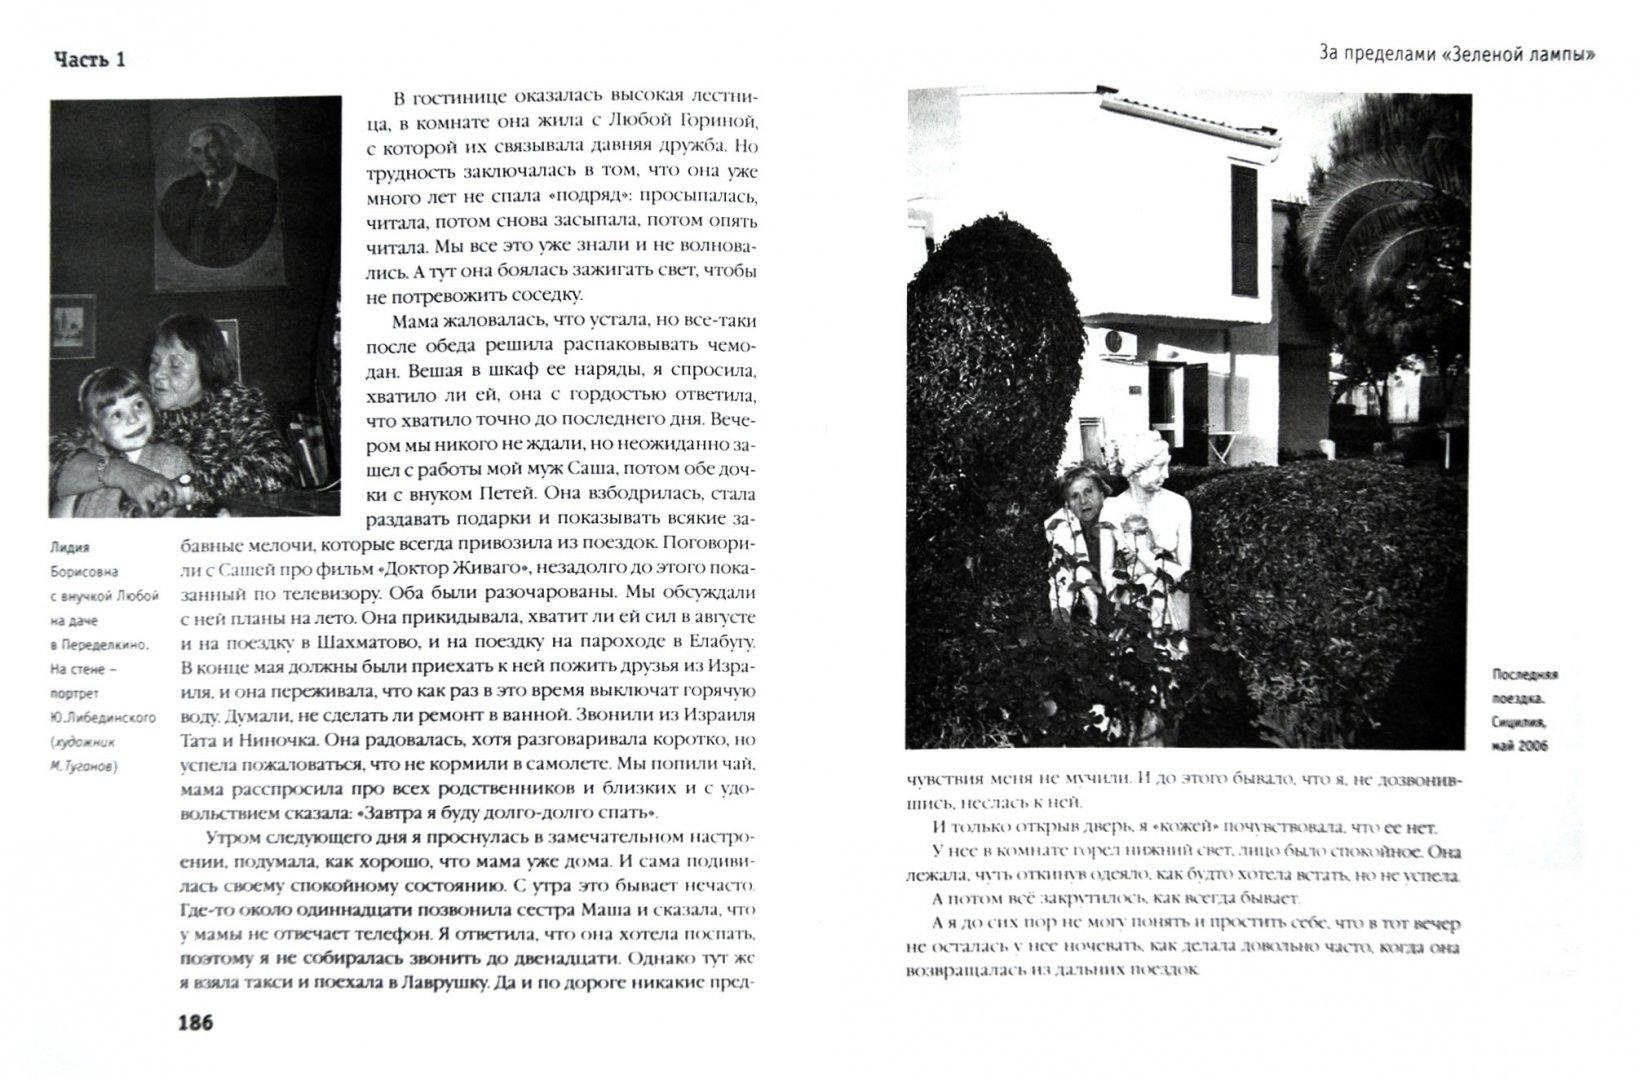 Иллюстрация 1 из 26 для Скатерть Лидии Либединской - Наталья Громова | Лабиринт - книги. Источник: Лабиринт